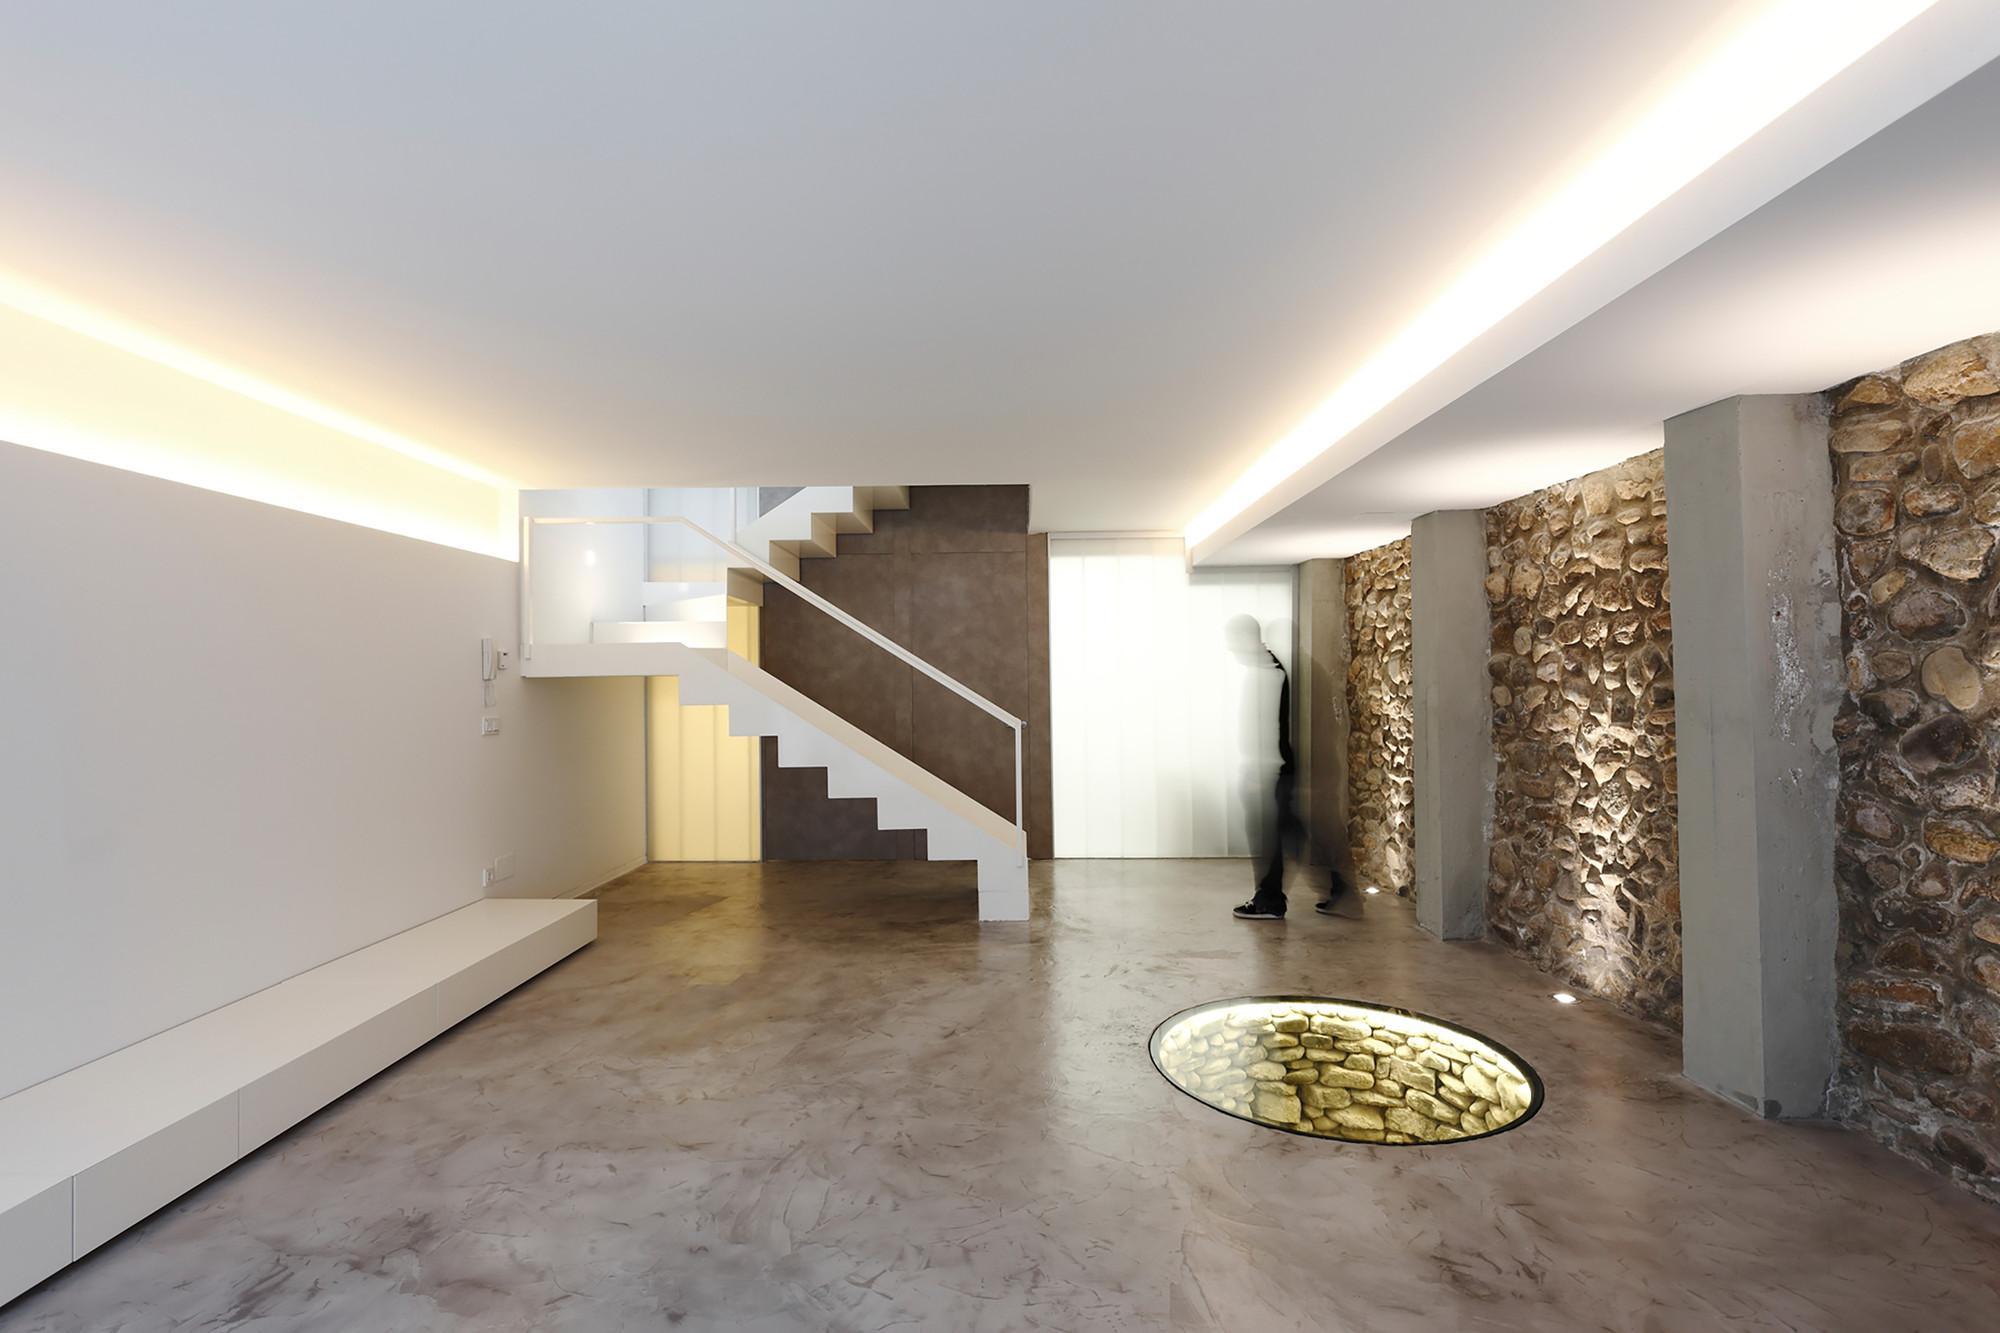 Casa #20 / Rue Space, © Aitor Estévez